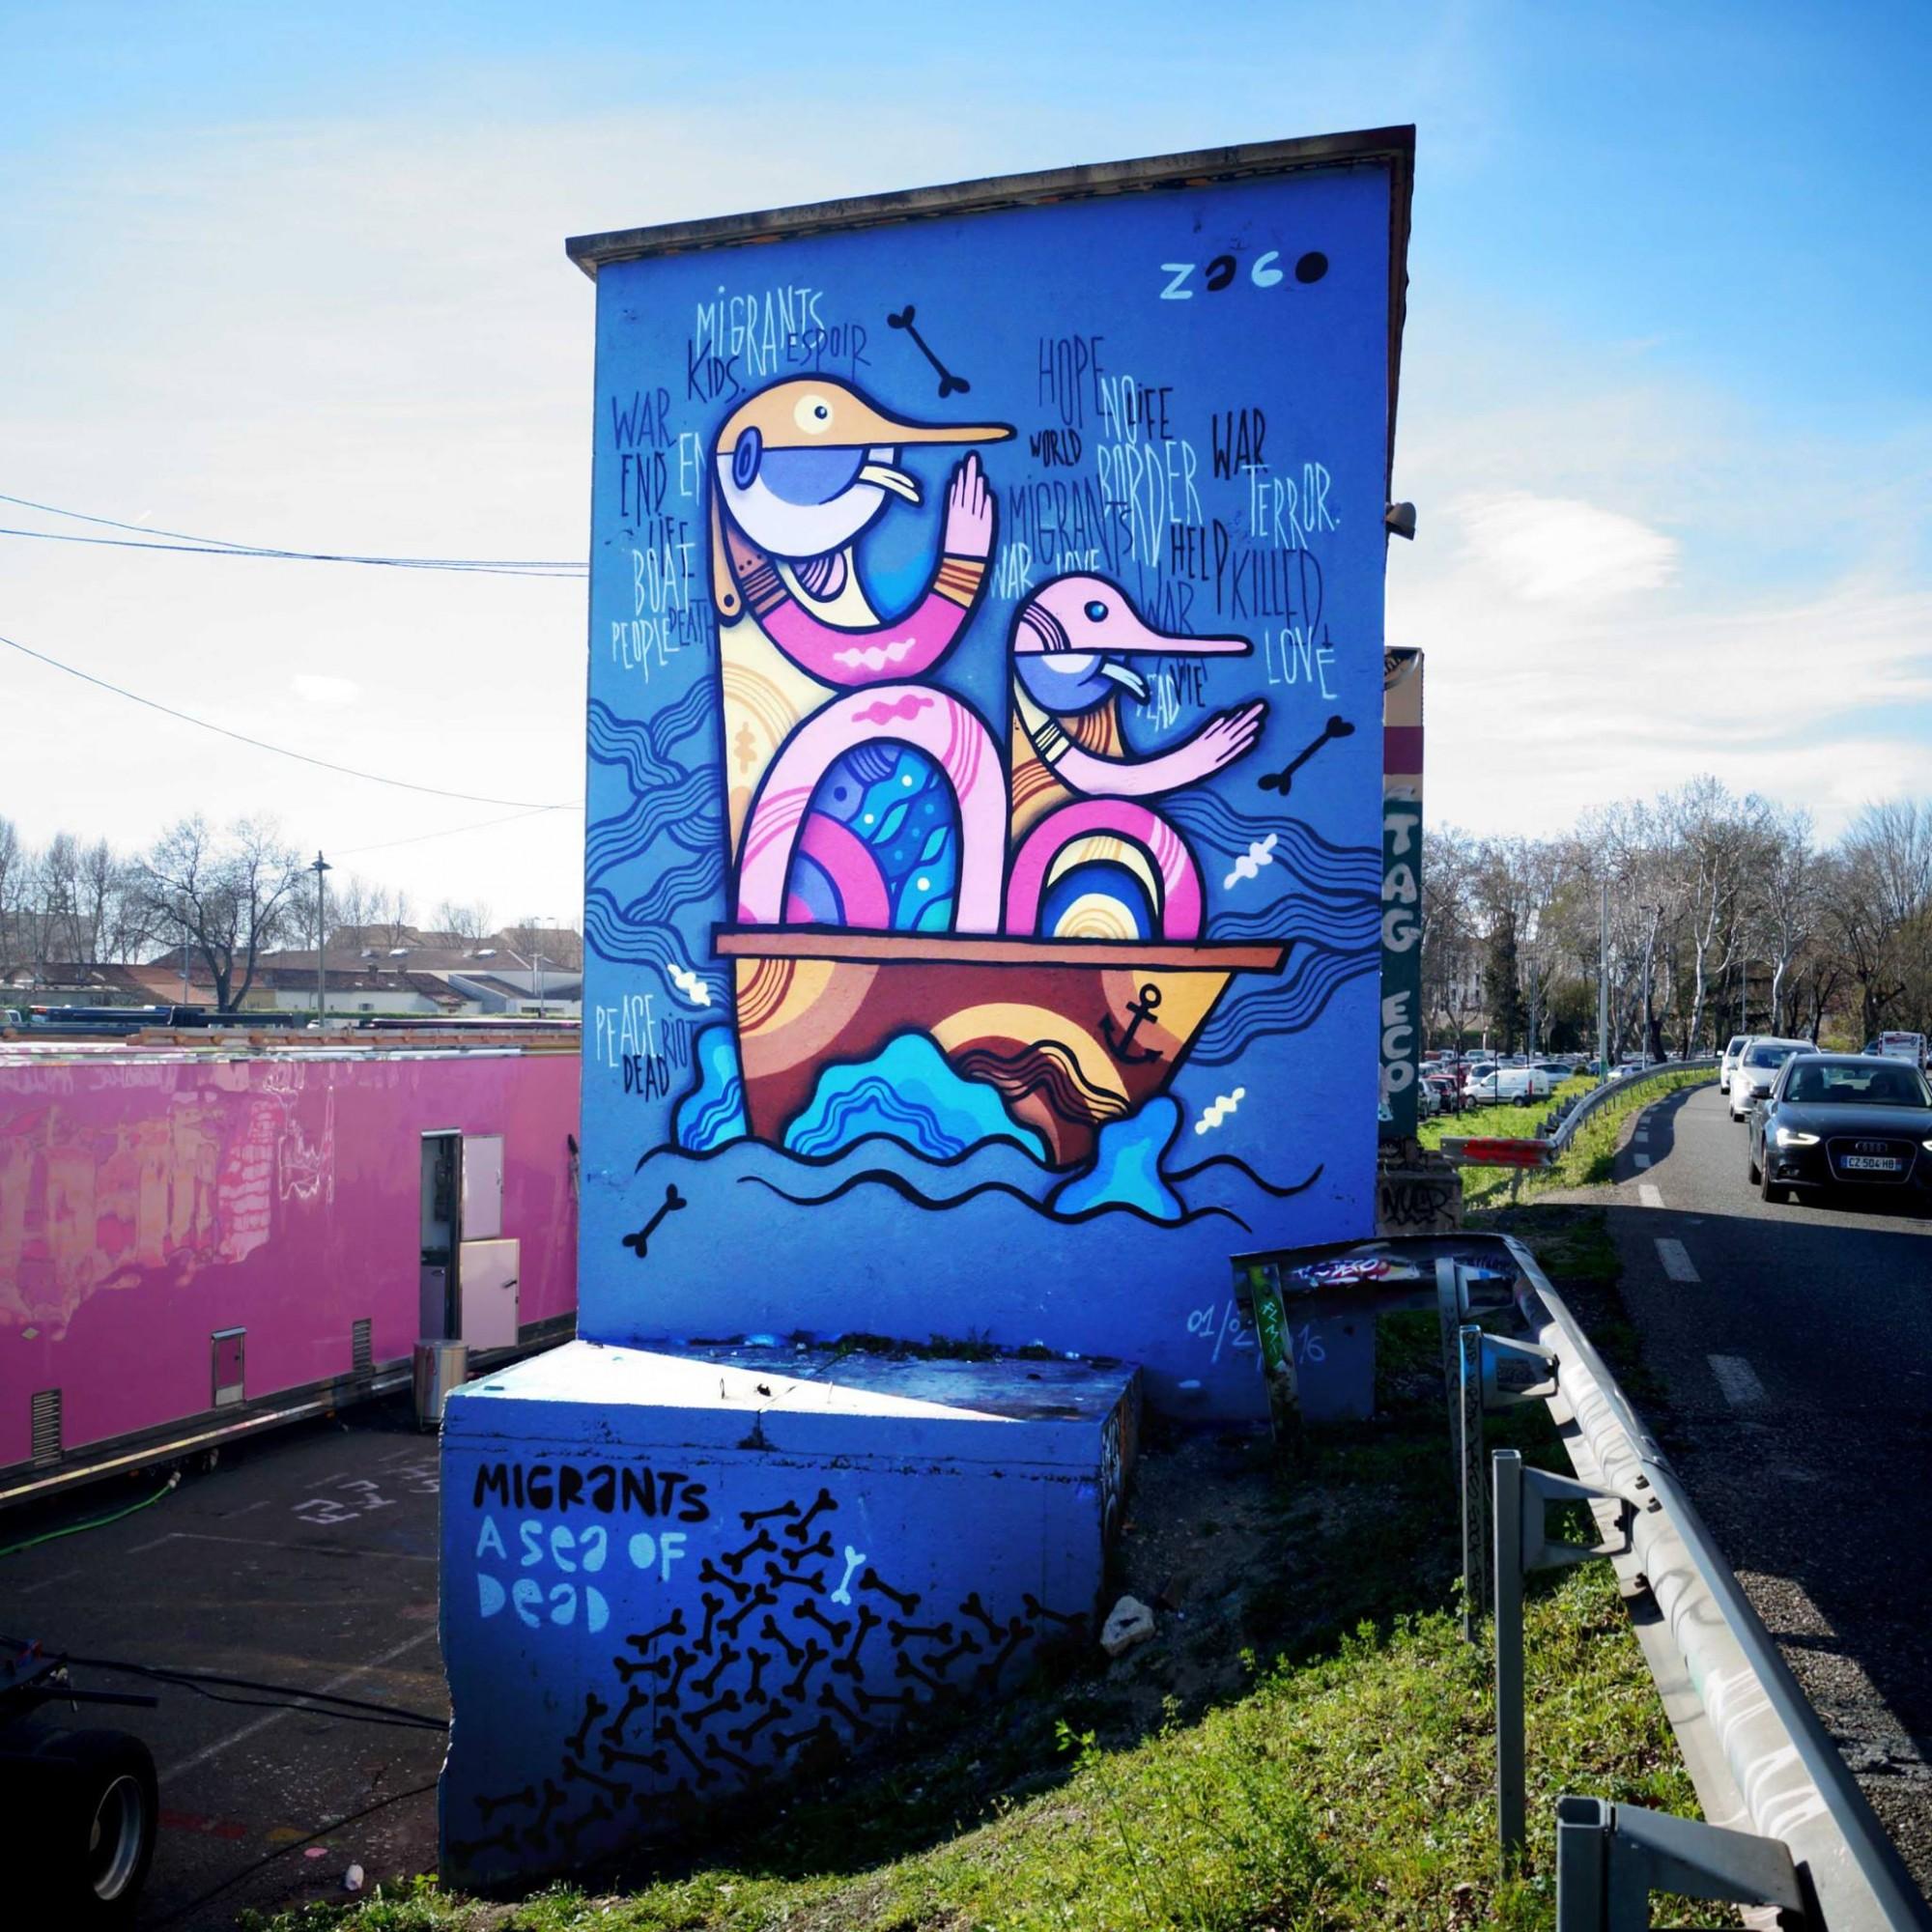 Migrantes-Sea of Dead. Mural de Pablito Zago en Aviñón que aborda la crisis de refugiados en Europa.